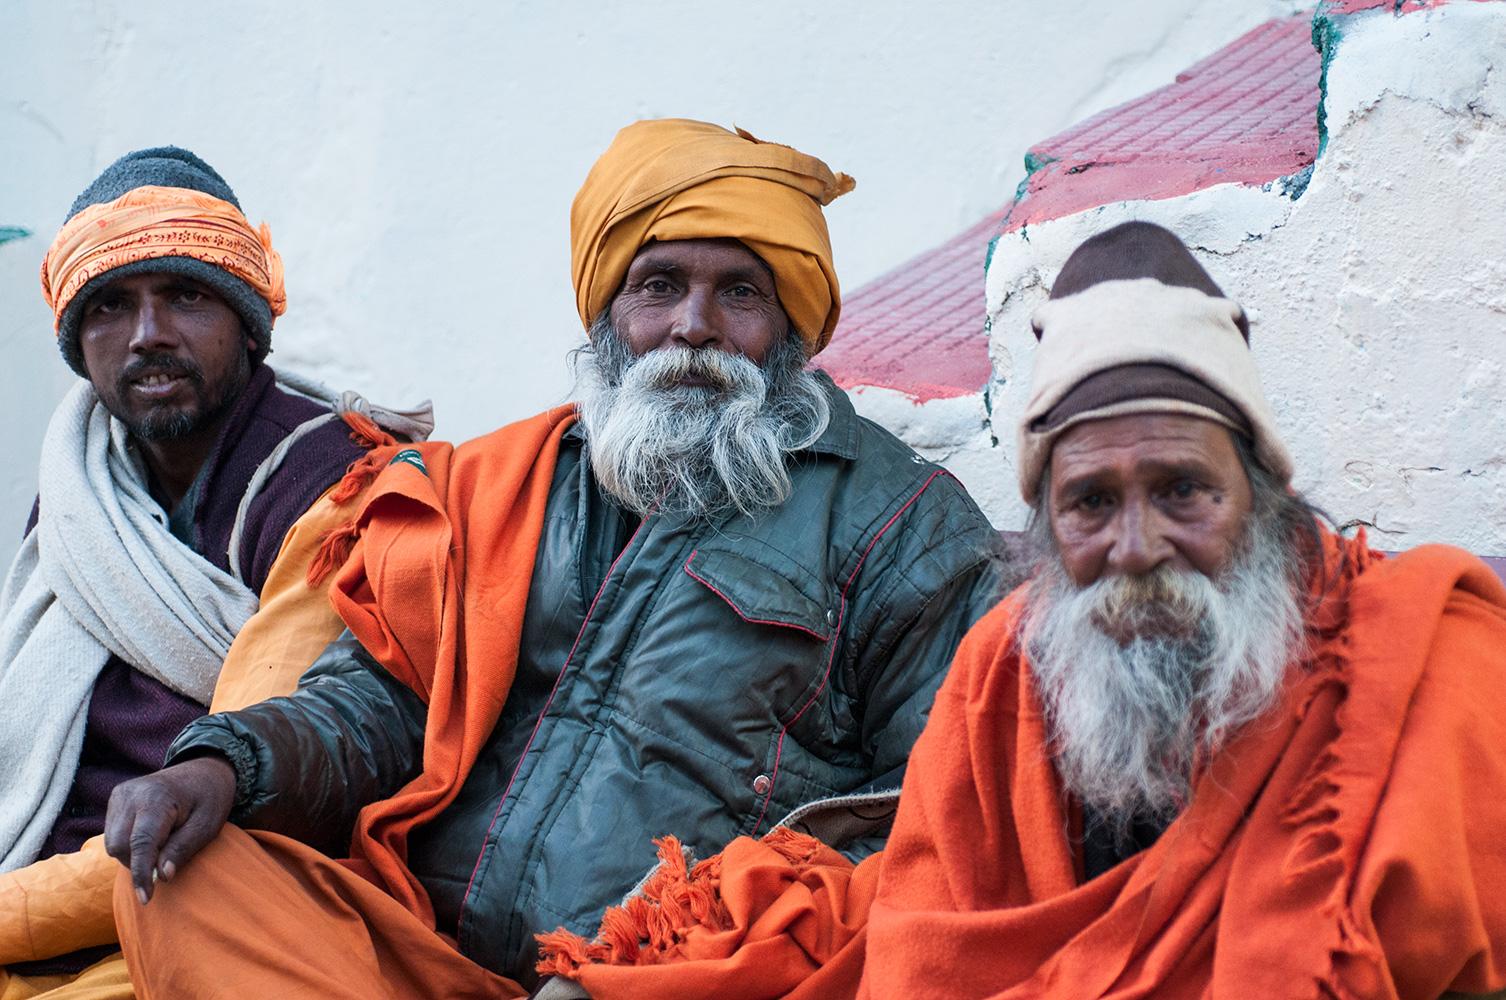 Sadhus at Rishikesh, Uttarakhand